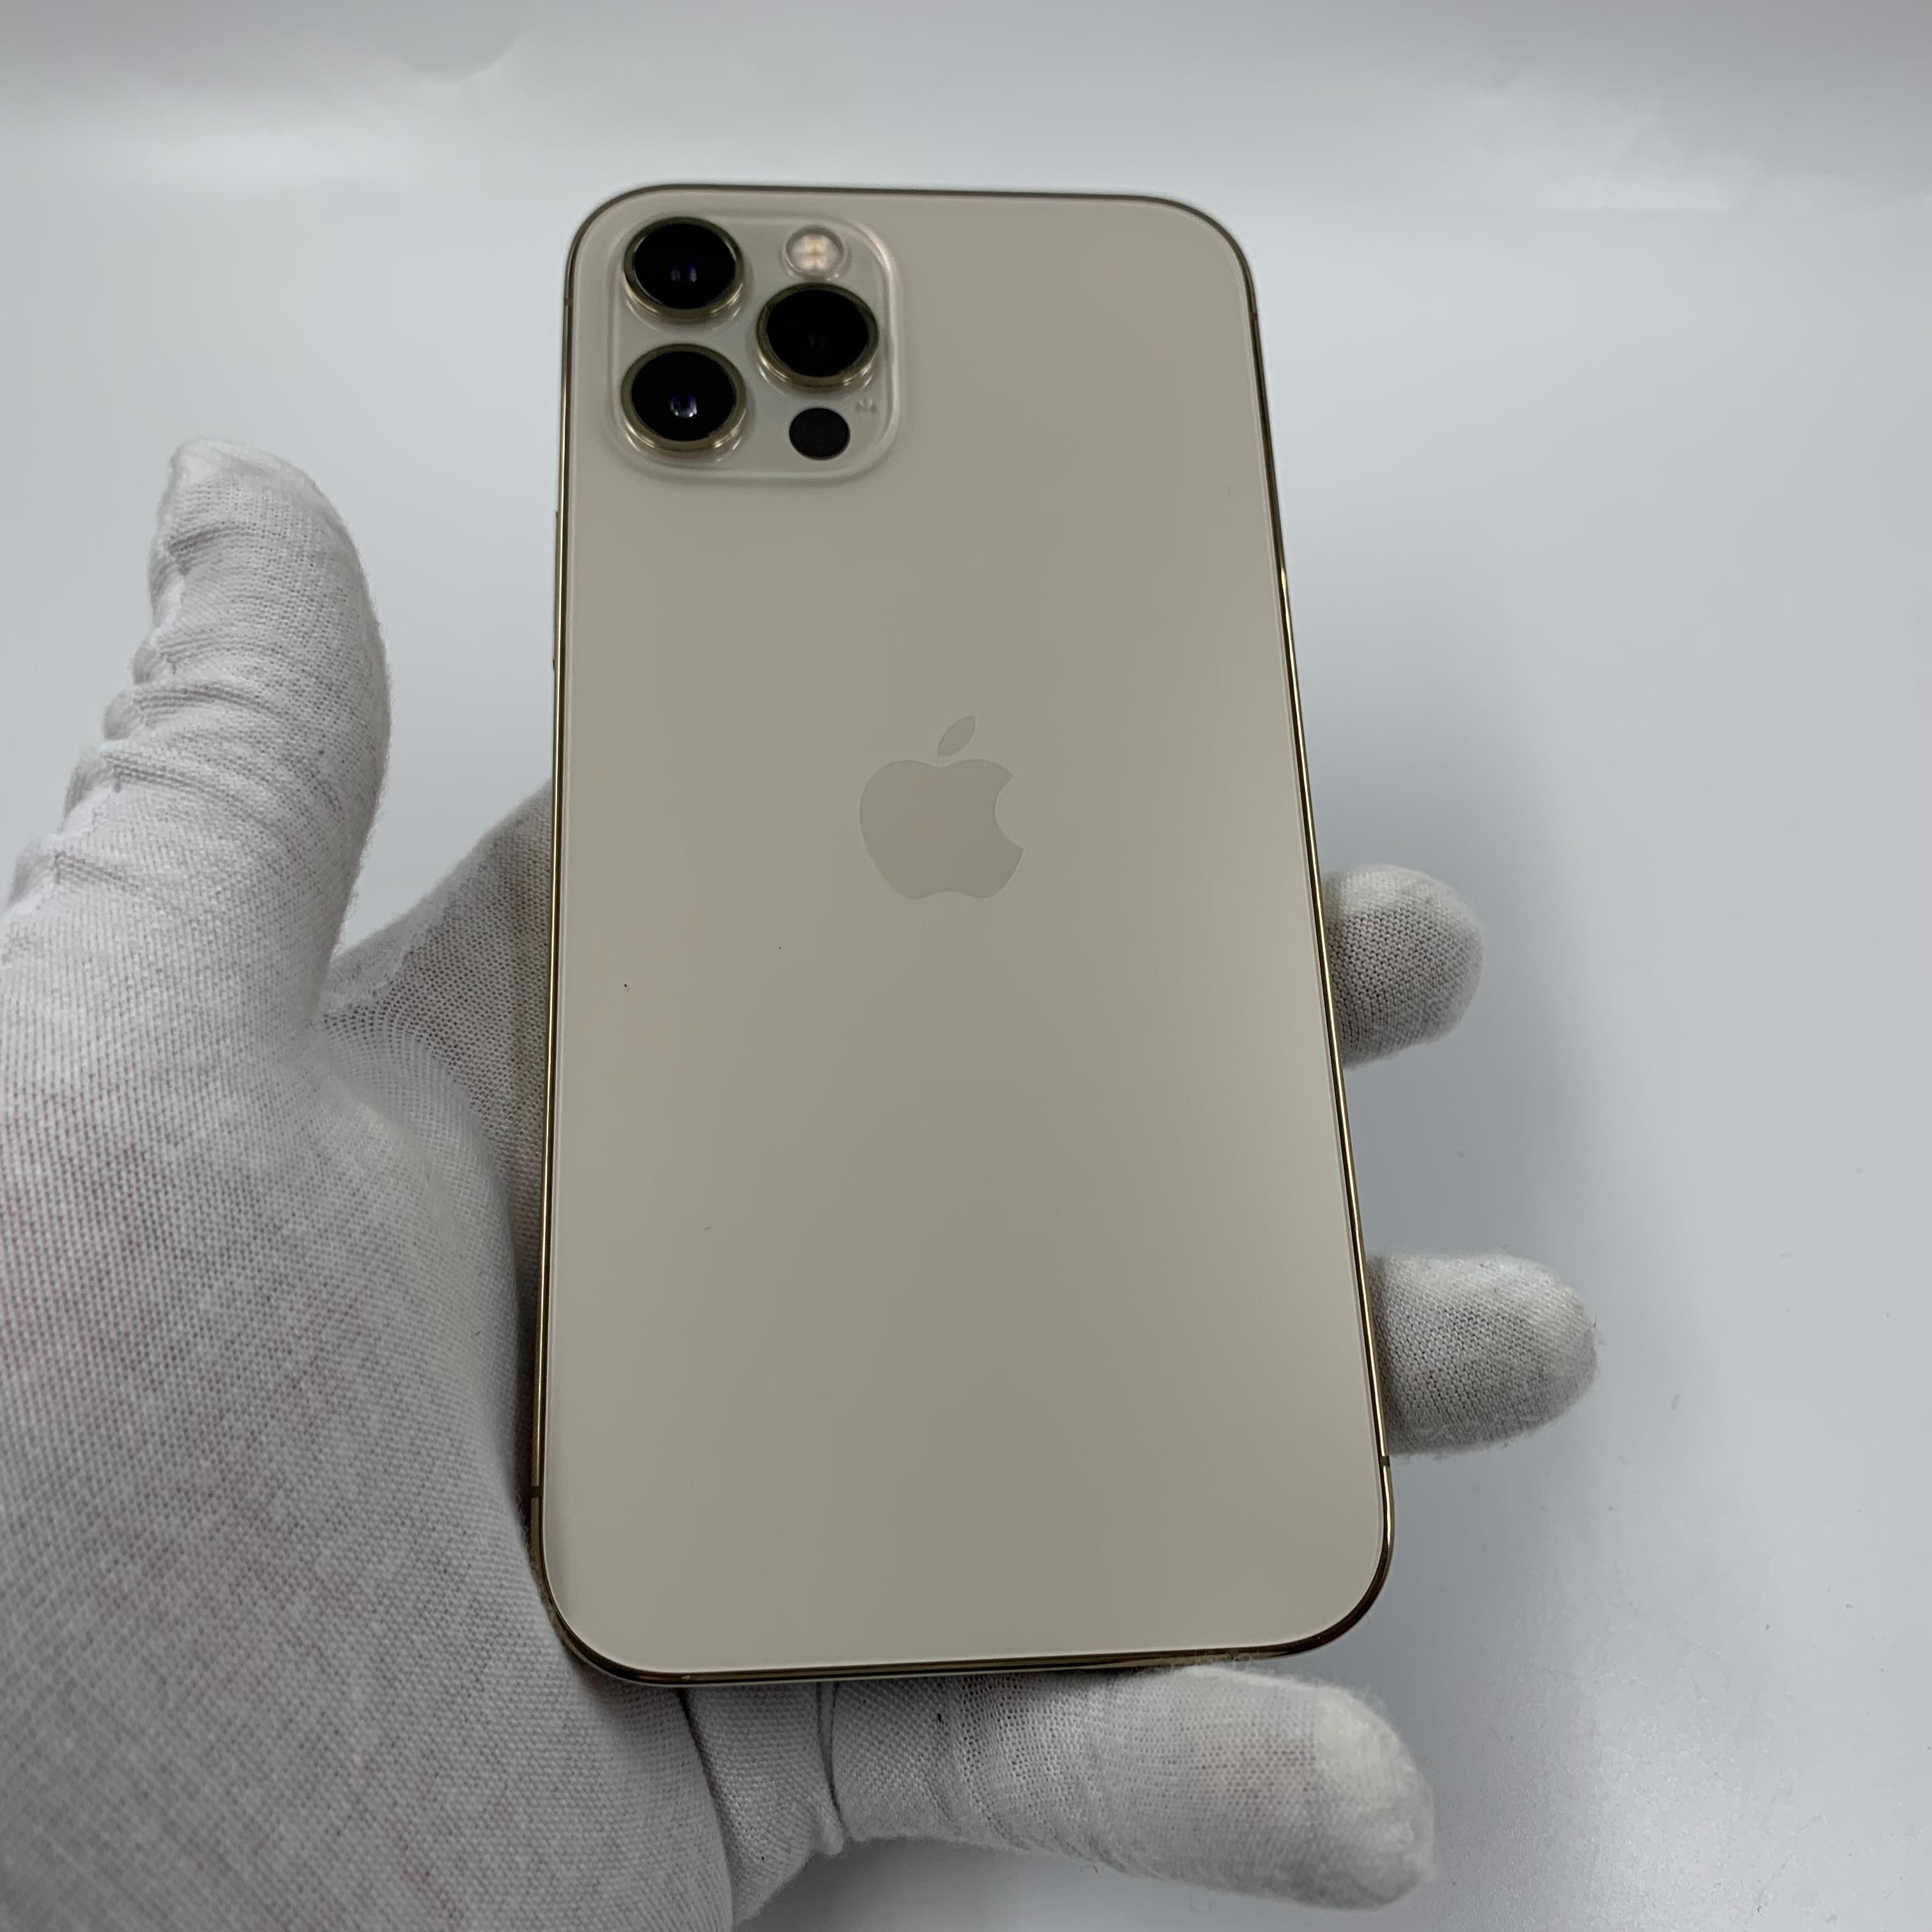 苹果【iPhone 12 Pro】5G全网通 金色 128G 国行 99新 真机实拍保修2022-01-27